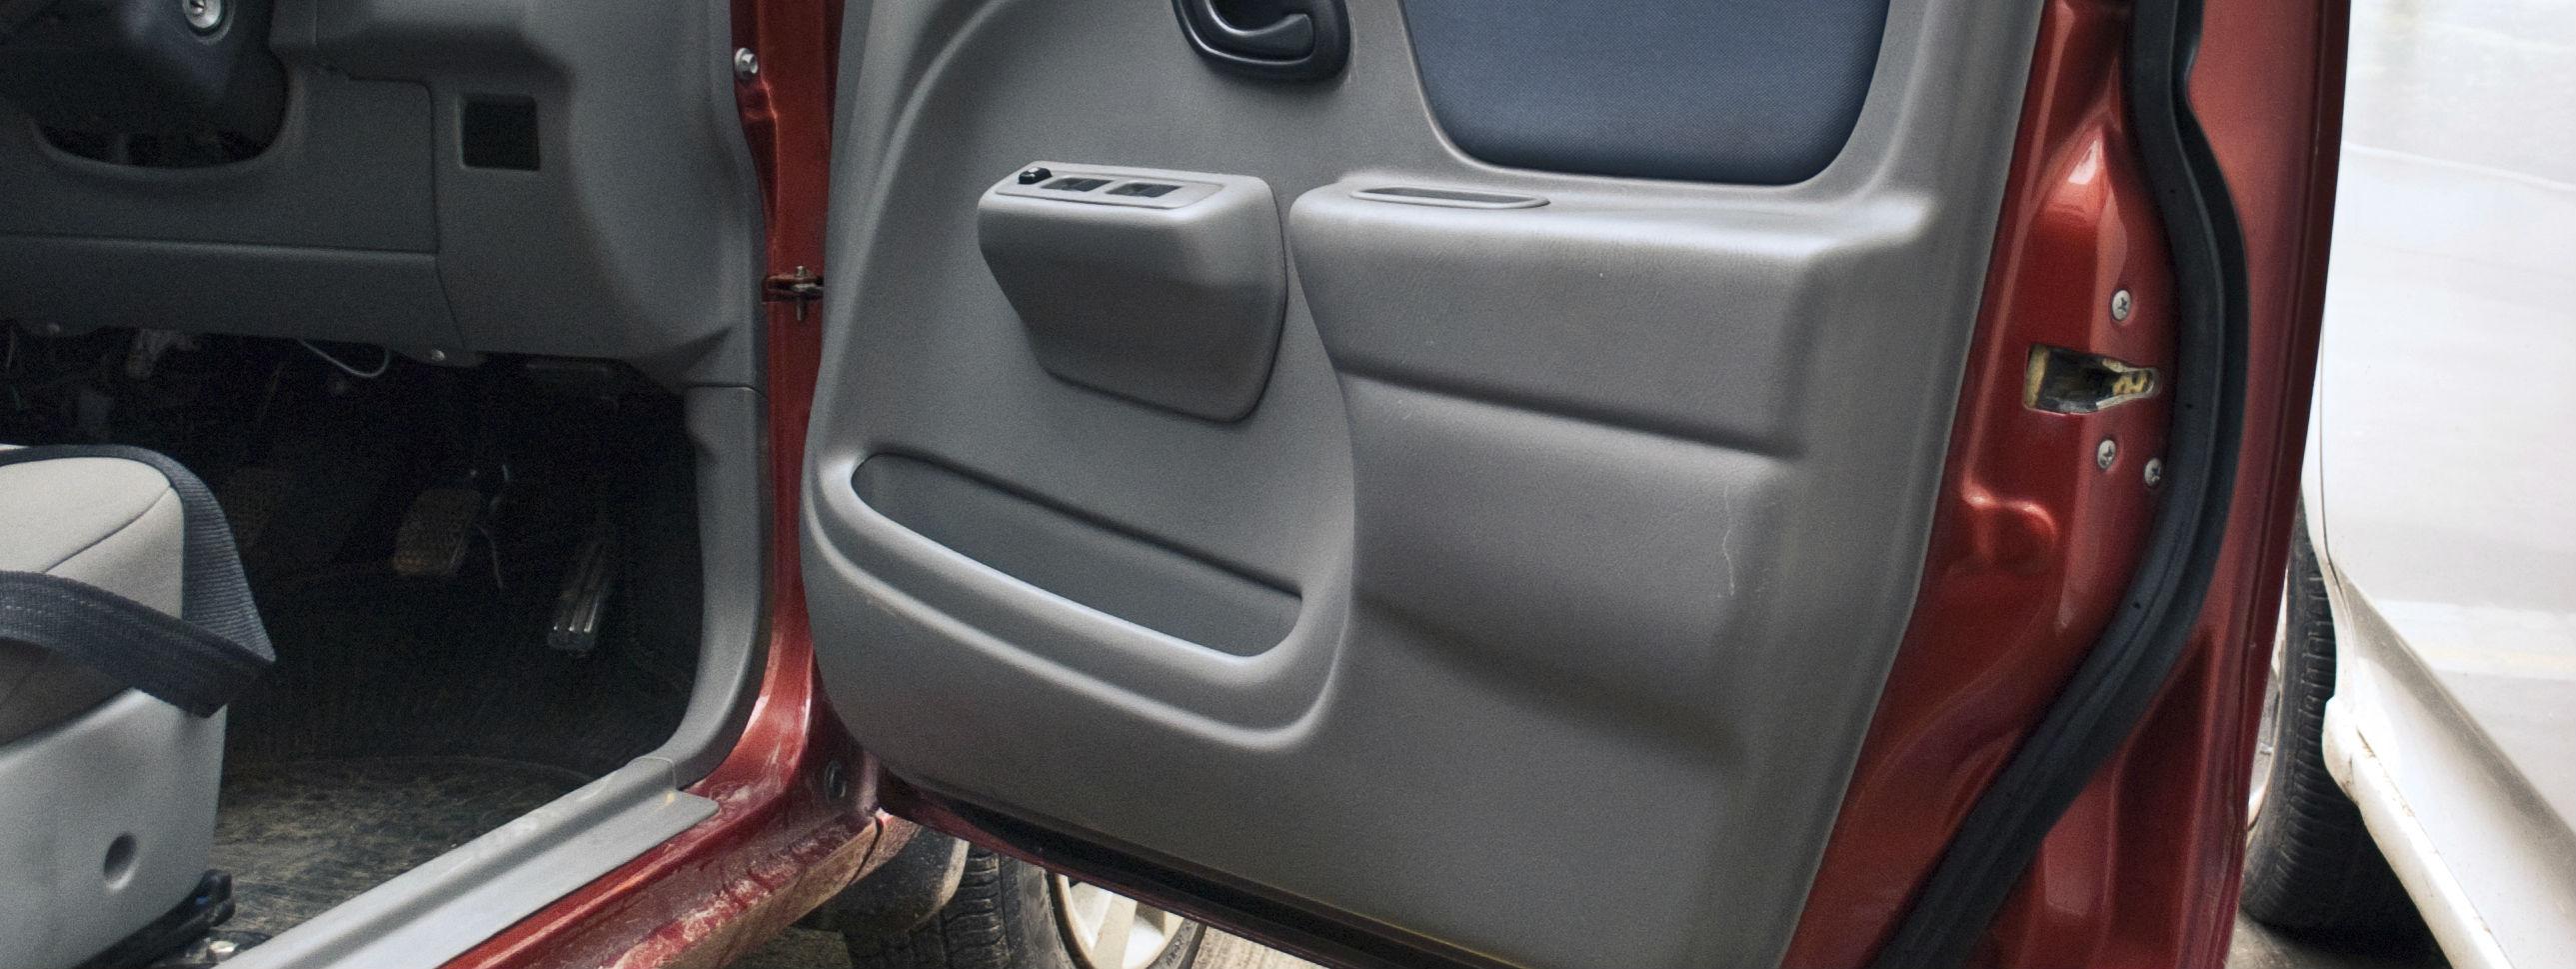 Car Rubber Door Seals Uk